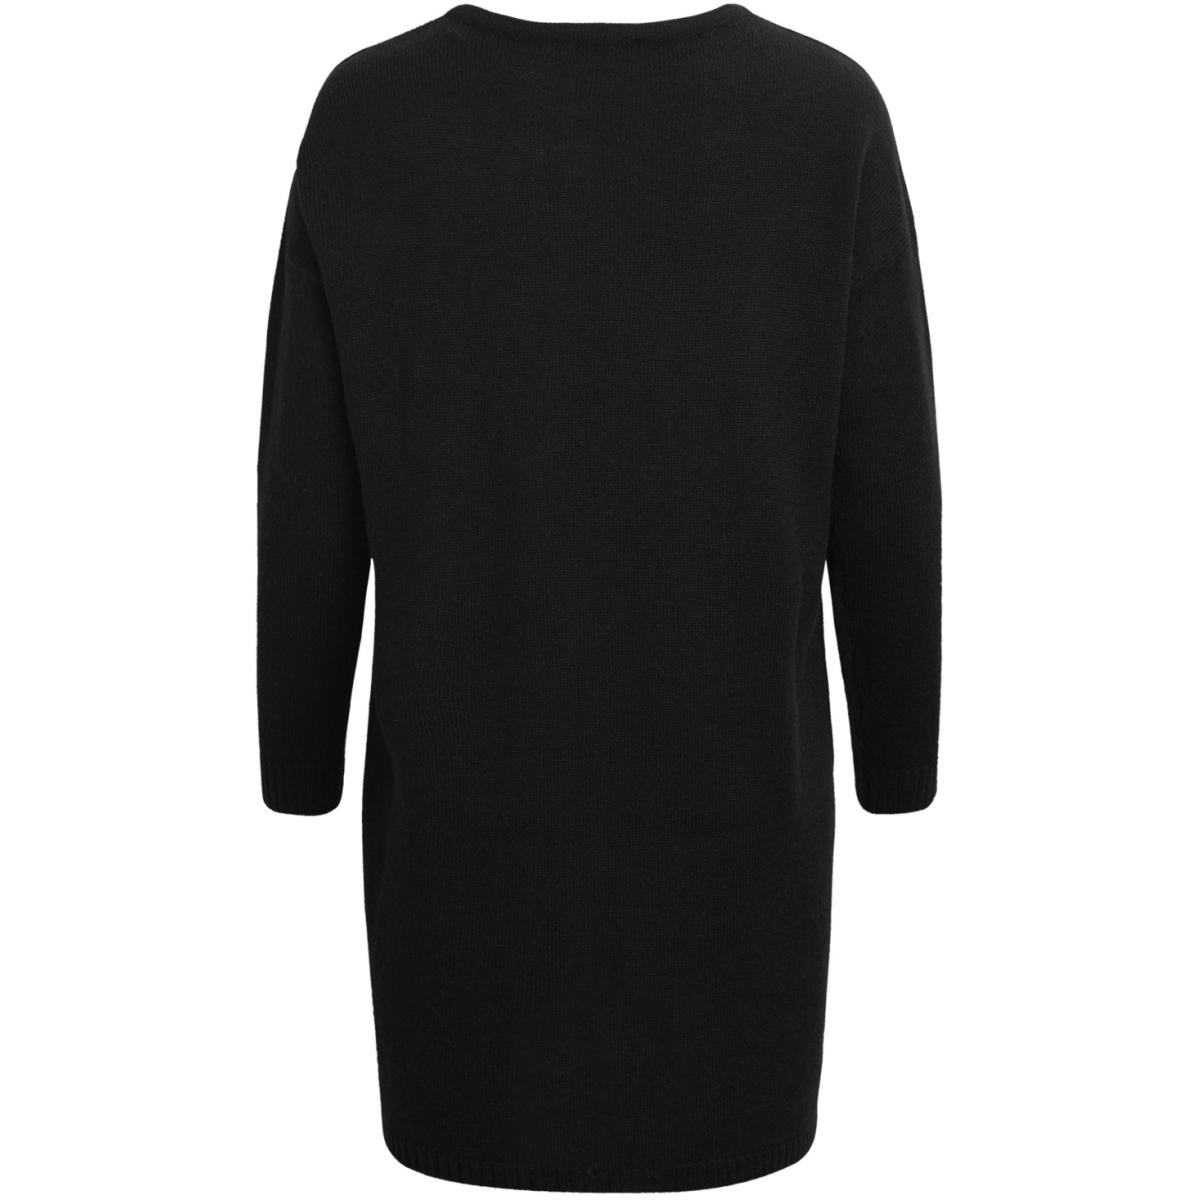 viriva l/s knit dress-noos 14029147 vila jurk black